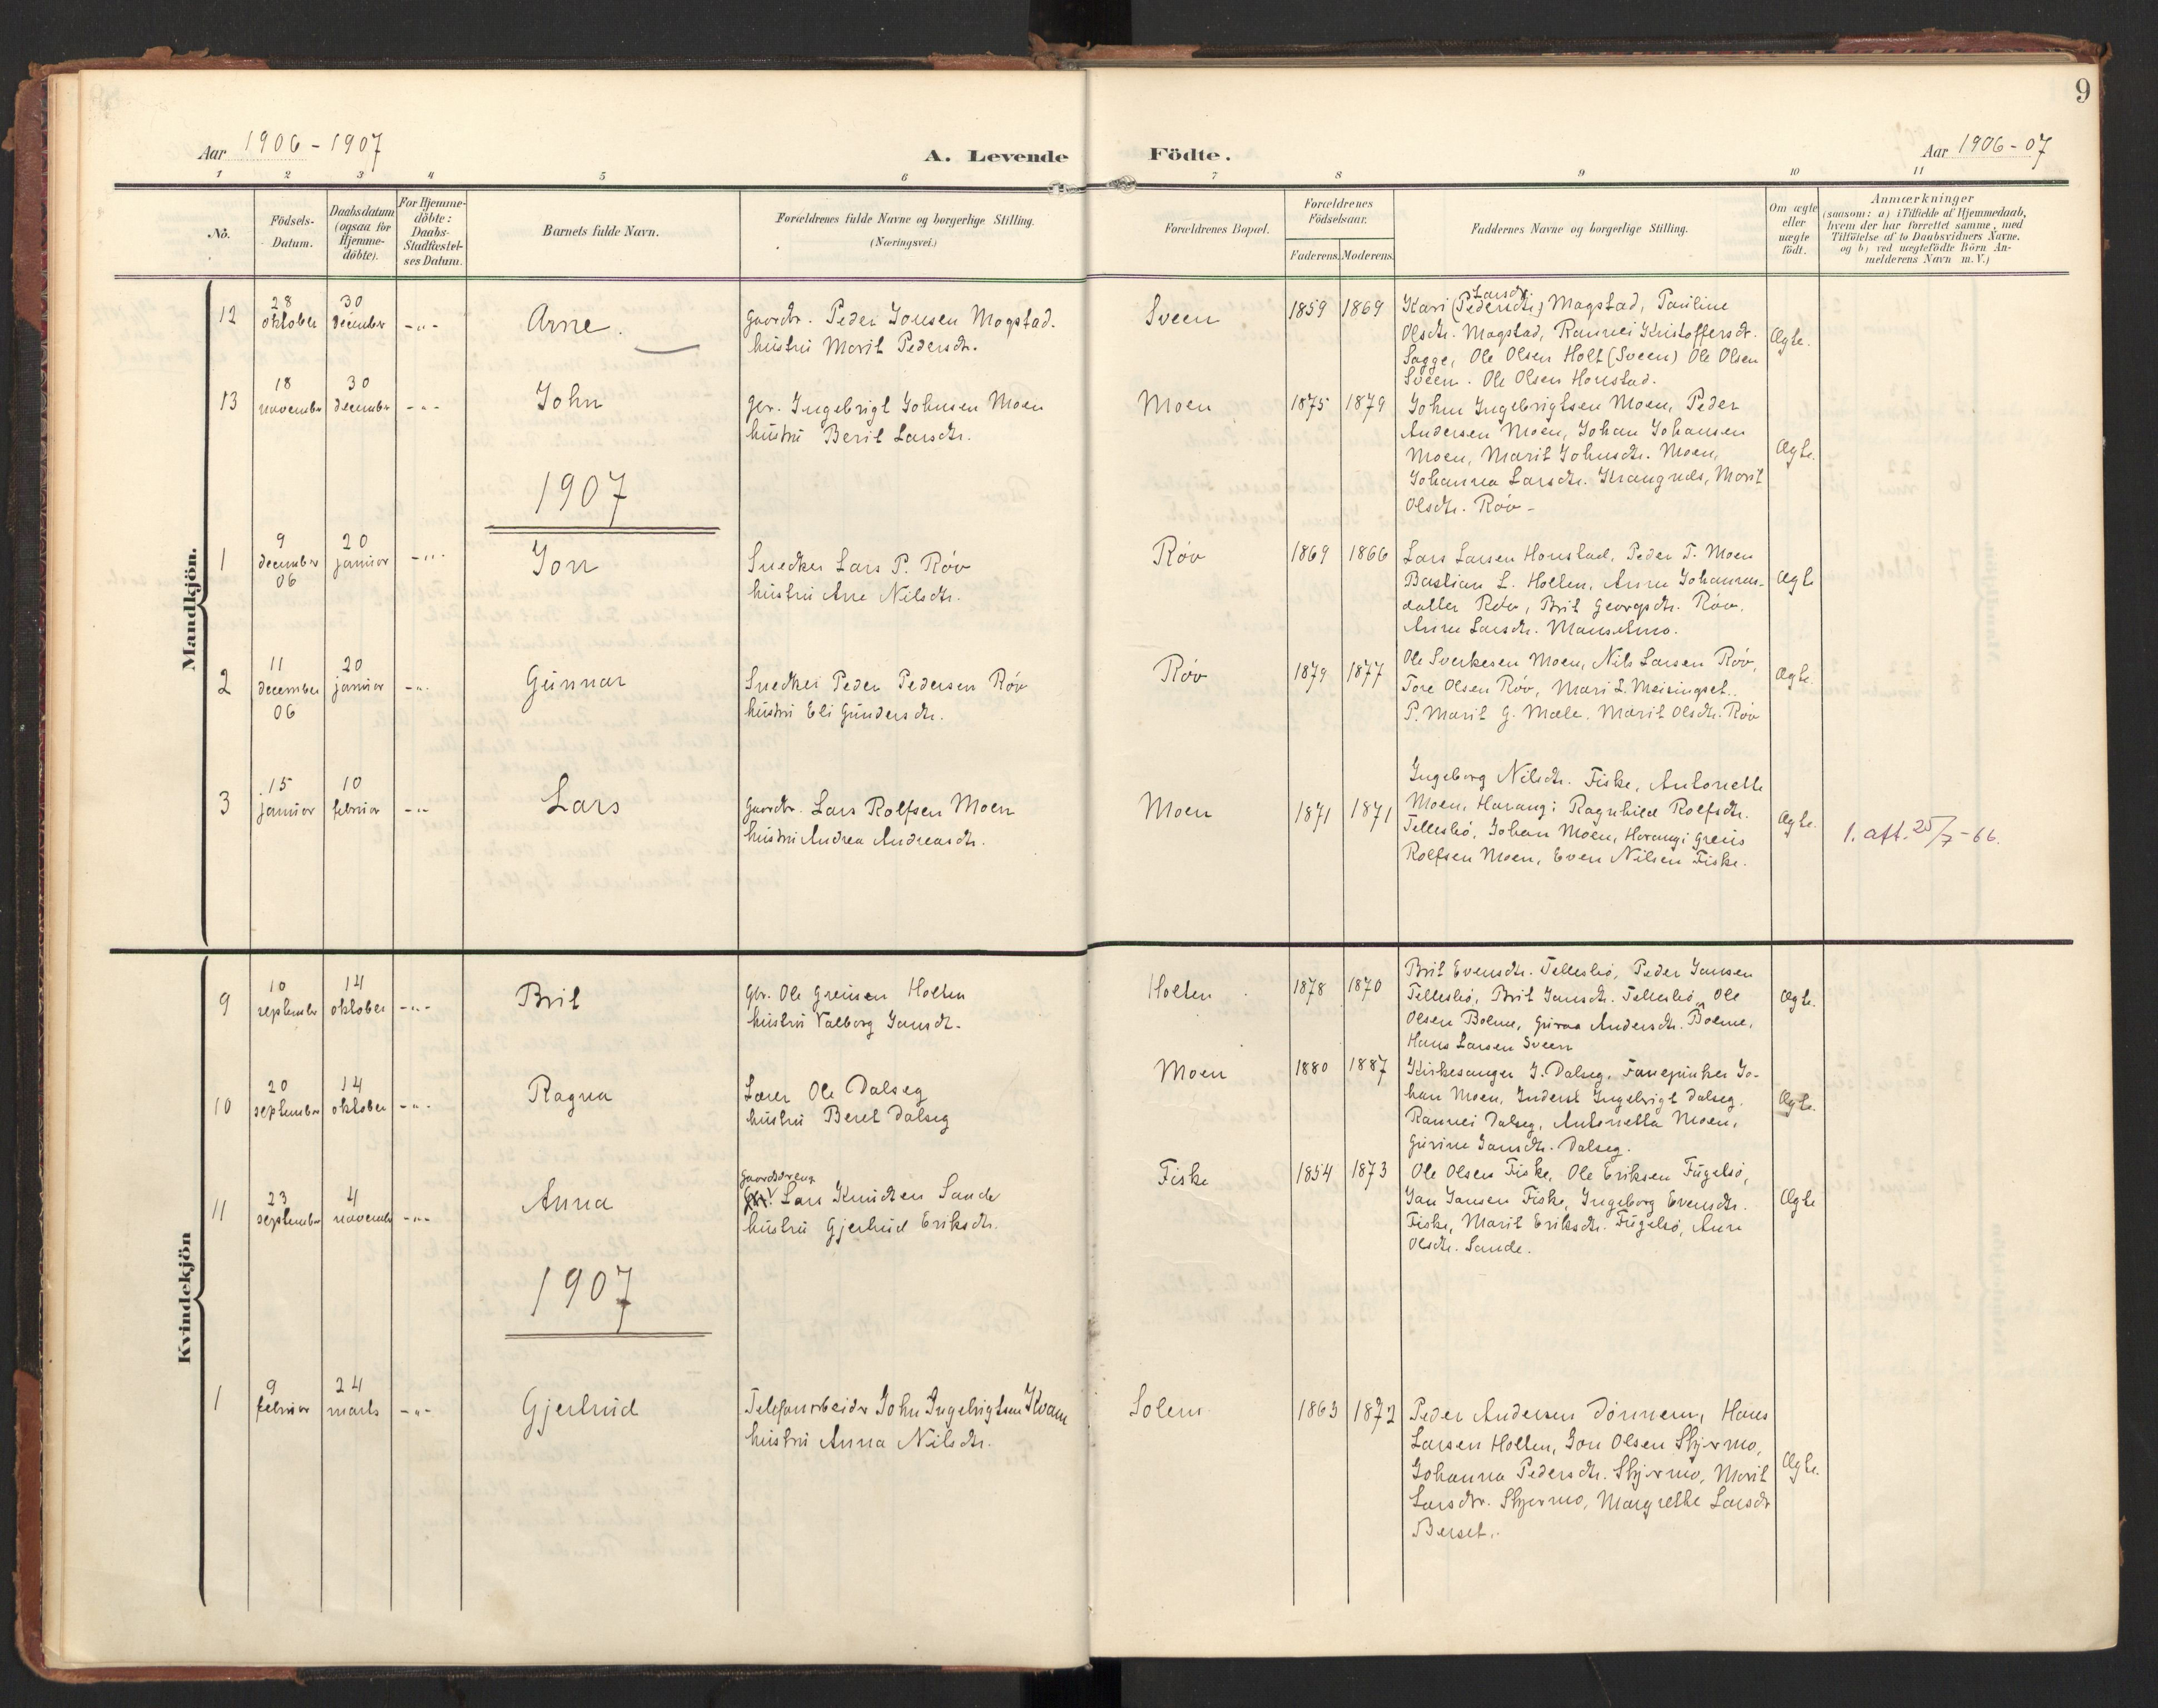 SAT, Ministerialprotokoller, klokkerbøker og fødselsregistre - Møre og Romsdal, 597/L1063: Ministerialbok nr. 597A02, 1905-1923, s. 9